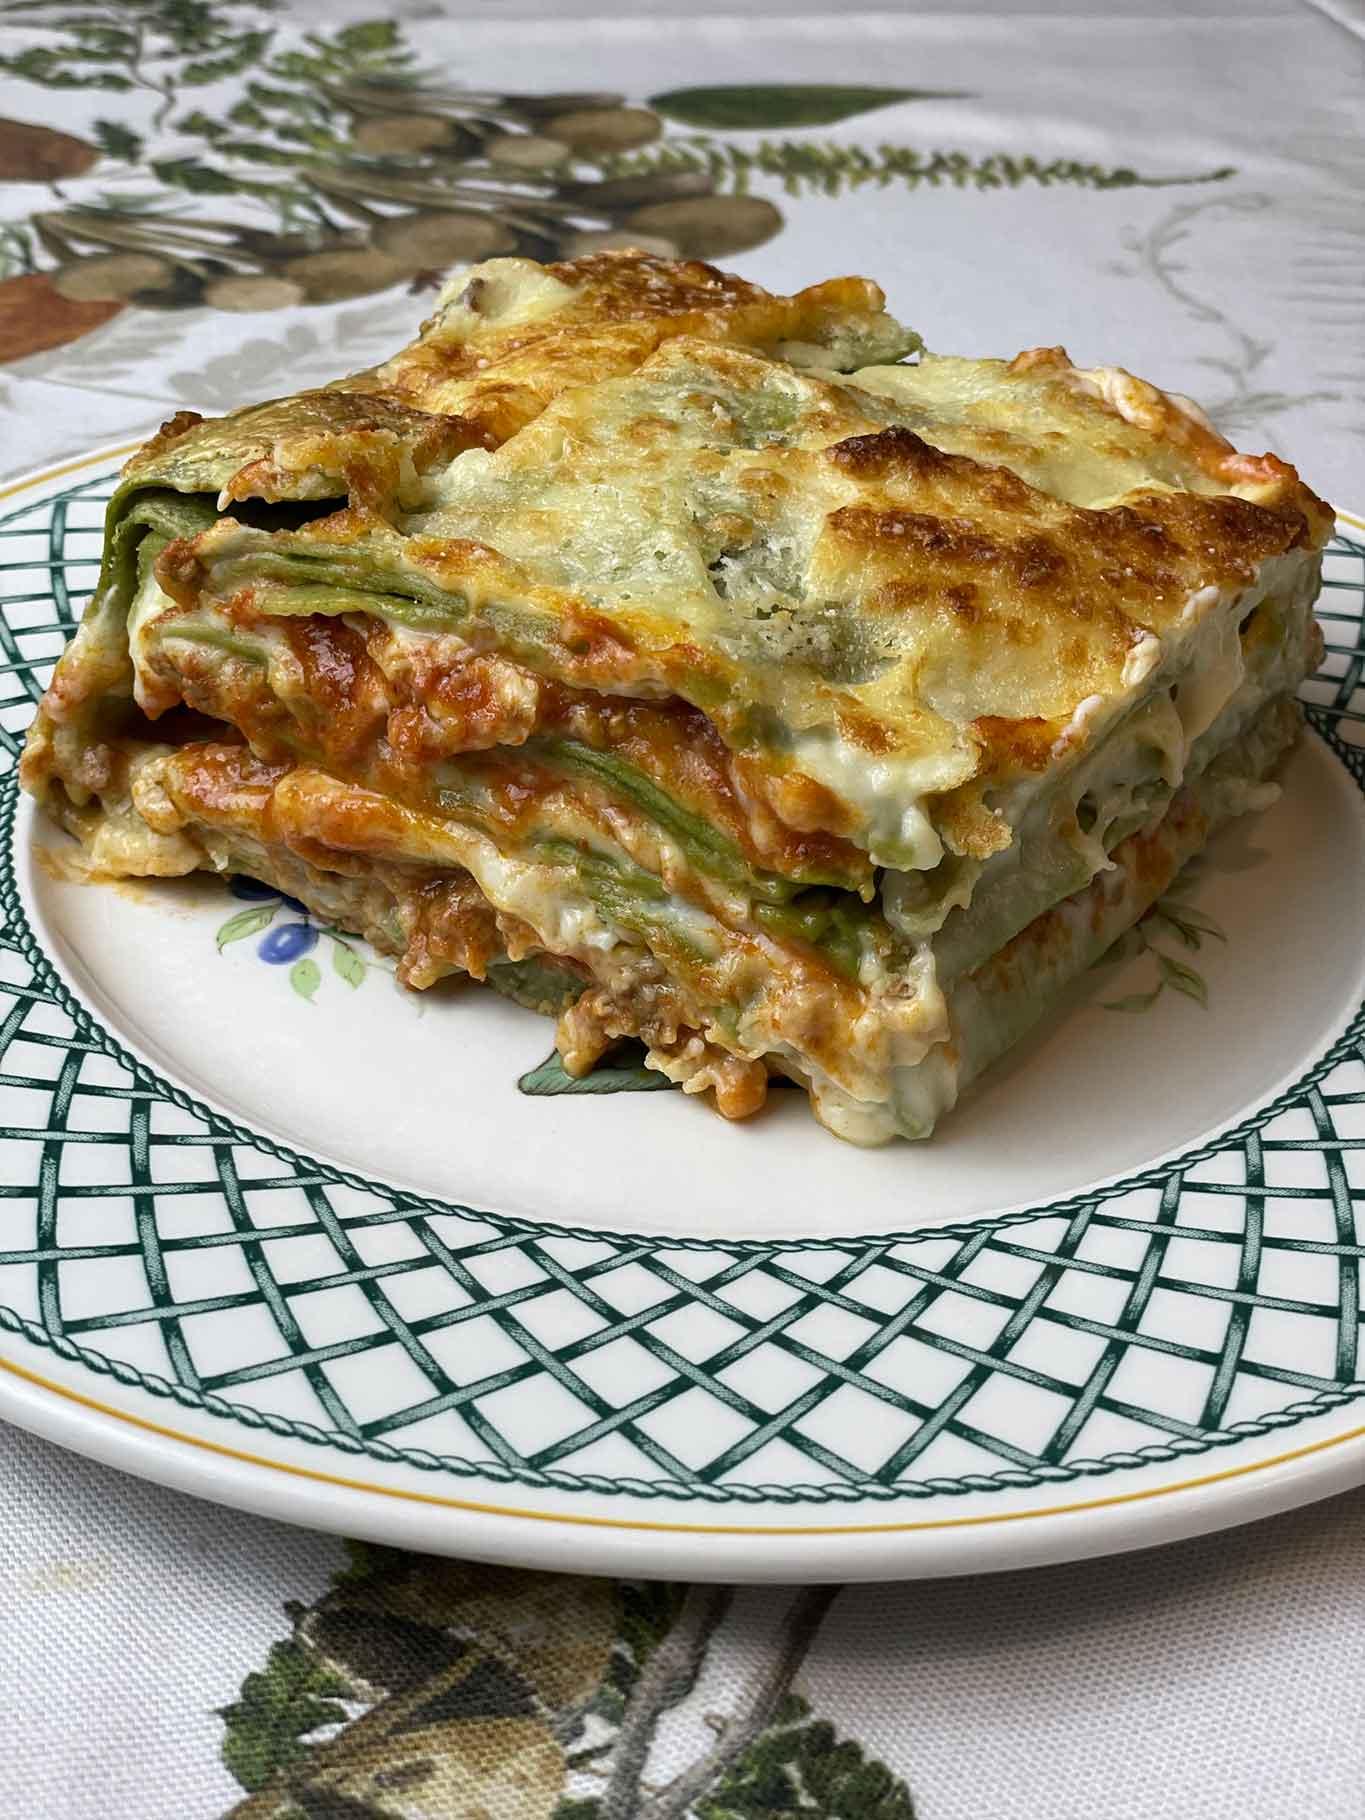 Ricetta Lasagne Verdi Alla Bolognese.Lasagne Alla Bolognese Ricetta Con Ragu Cremoso E Sfoglia Verde